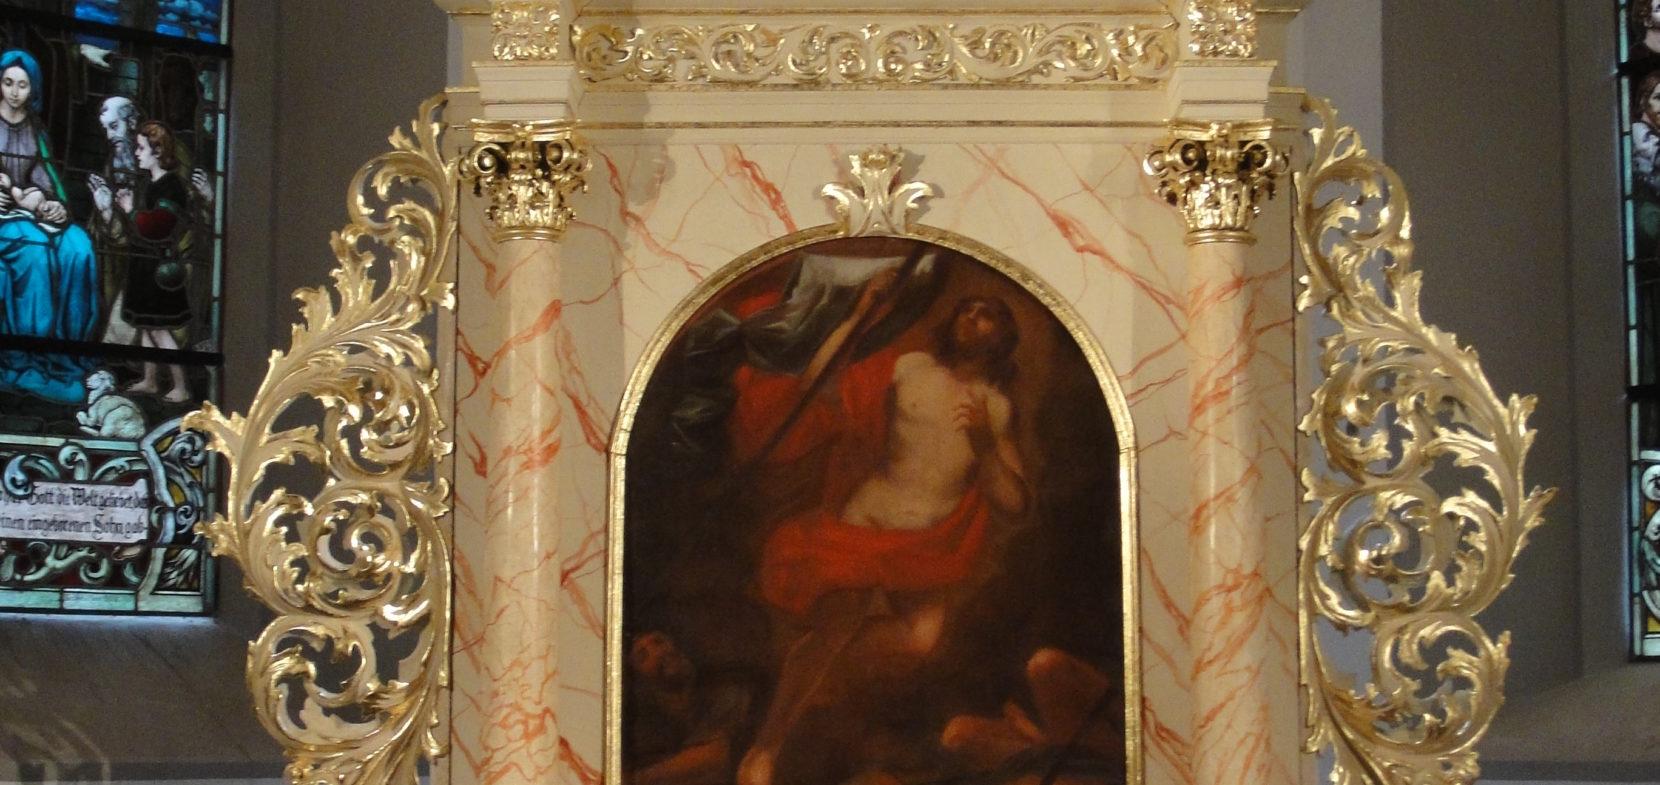 Der barocke Altaraufsatz